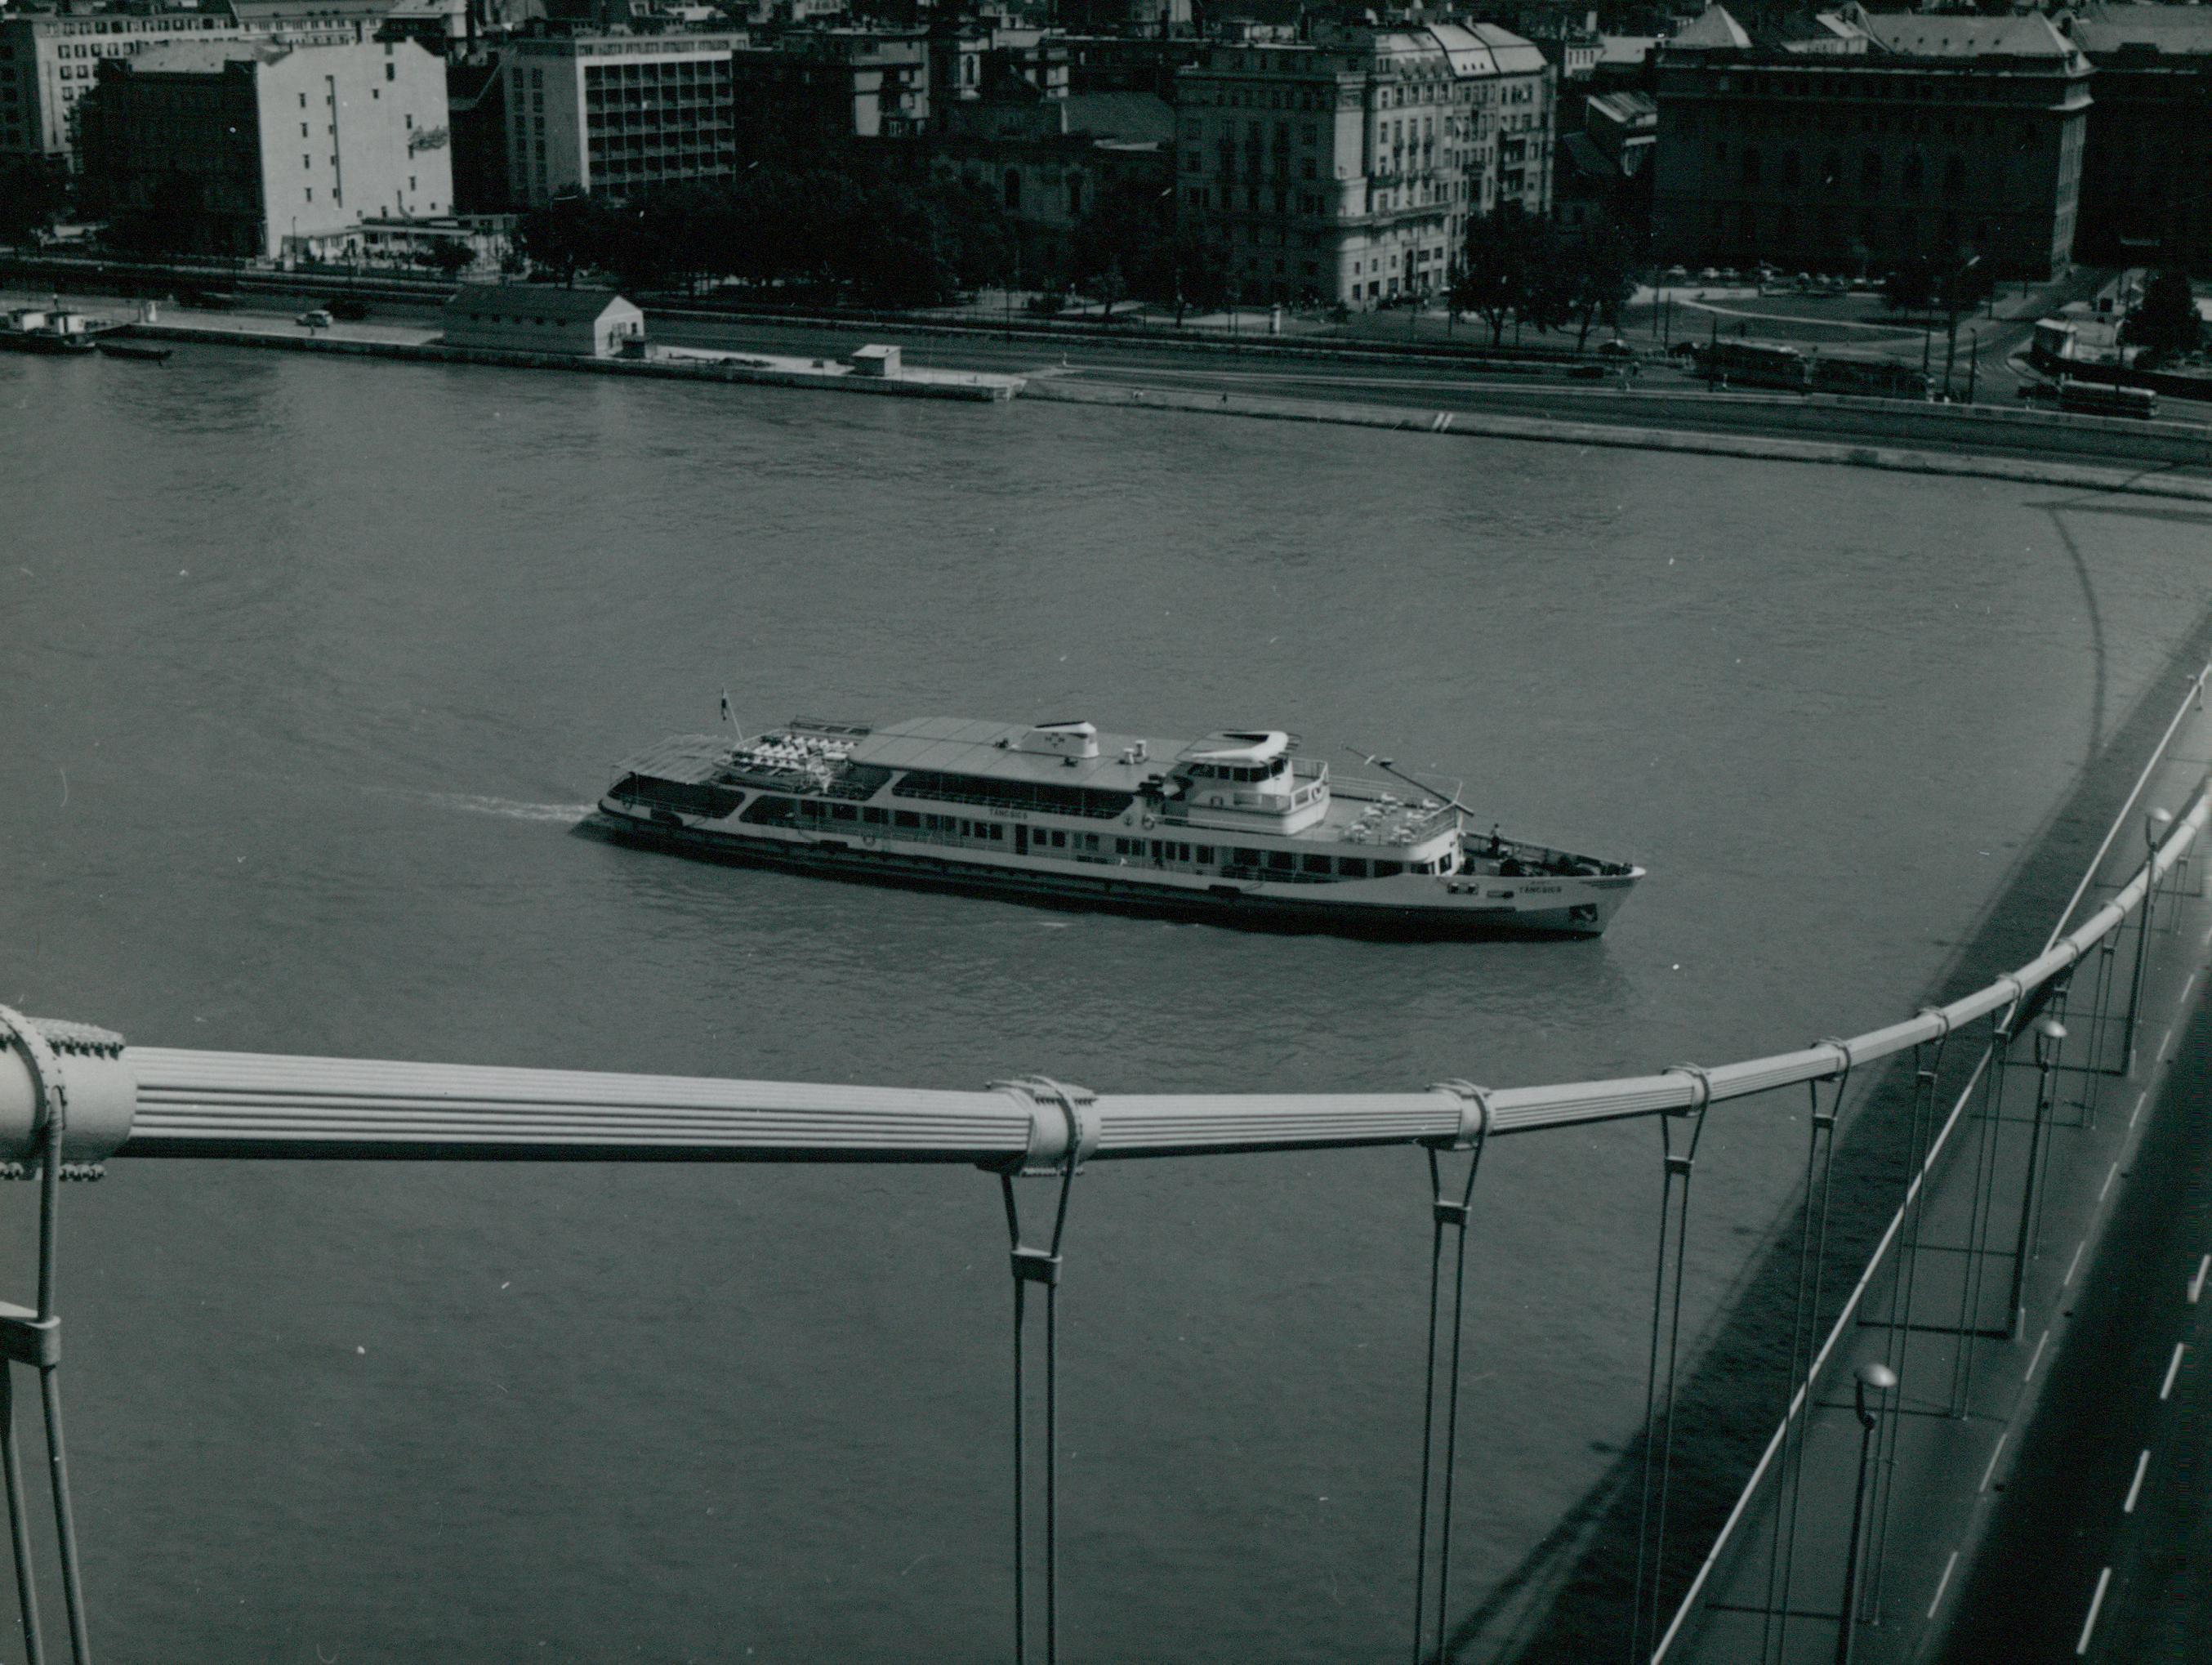 Rálátás egy hajóra az Erzsébet hídról